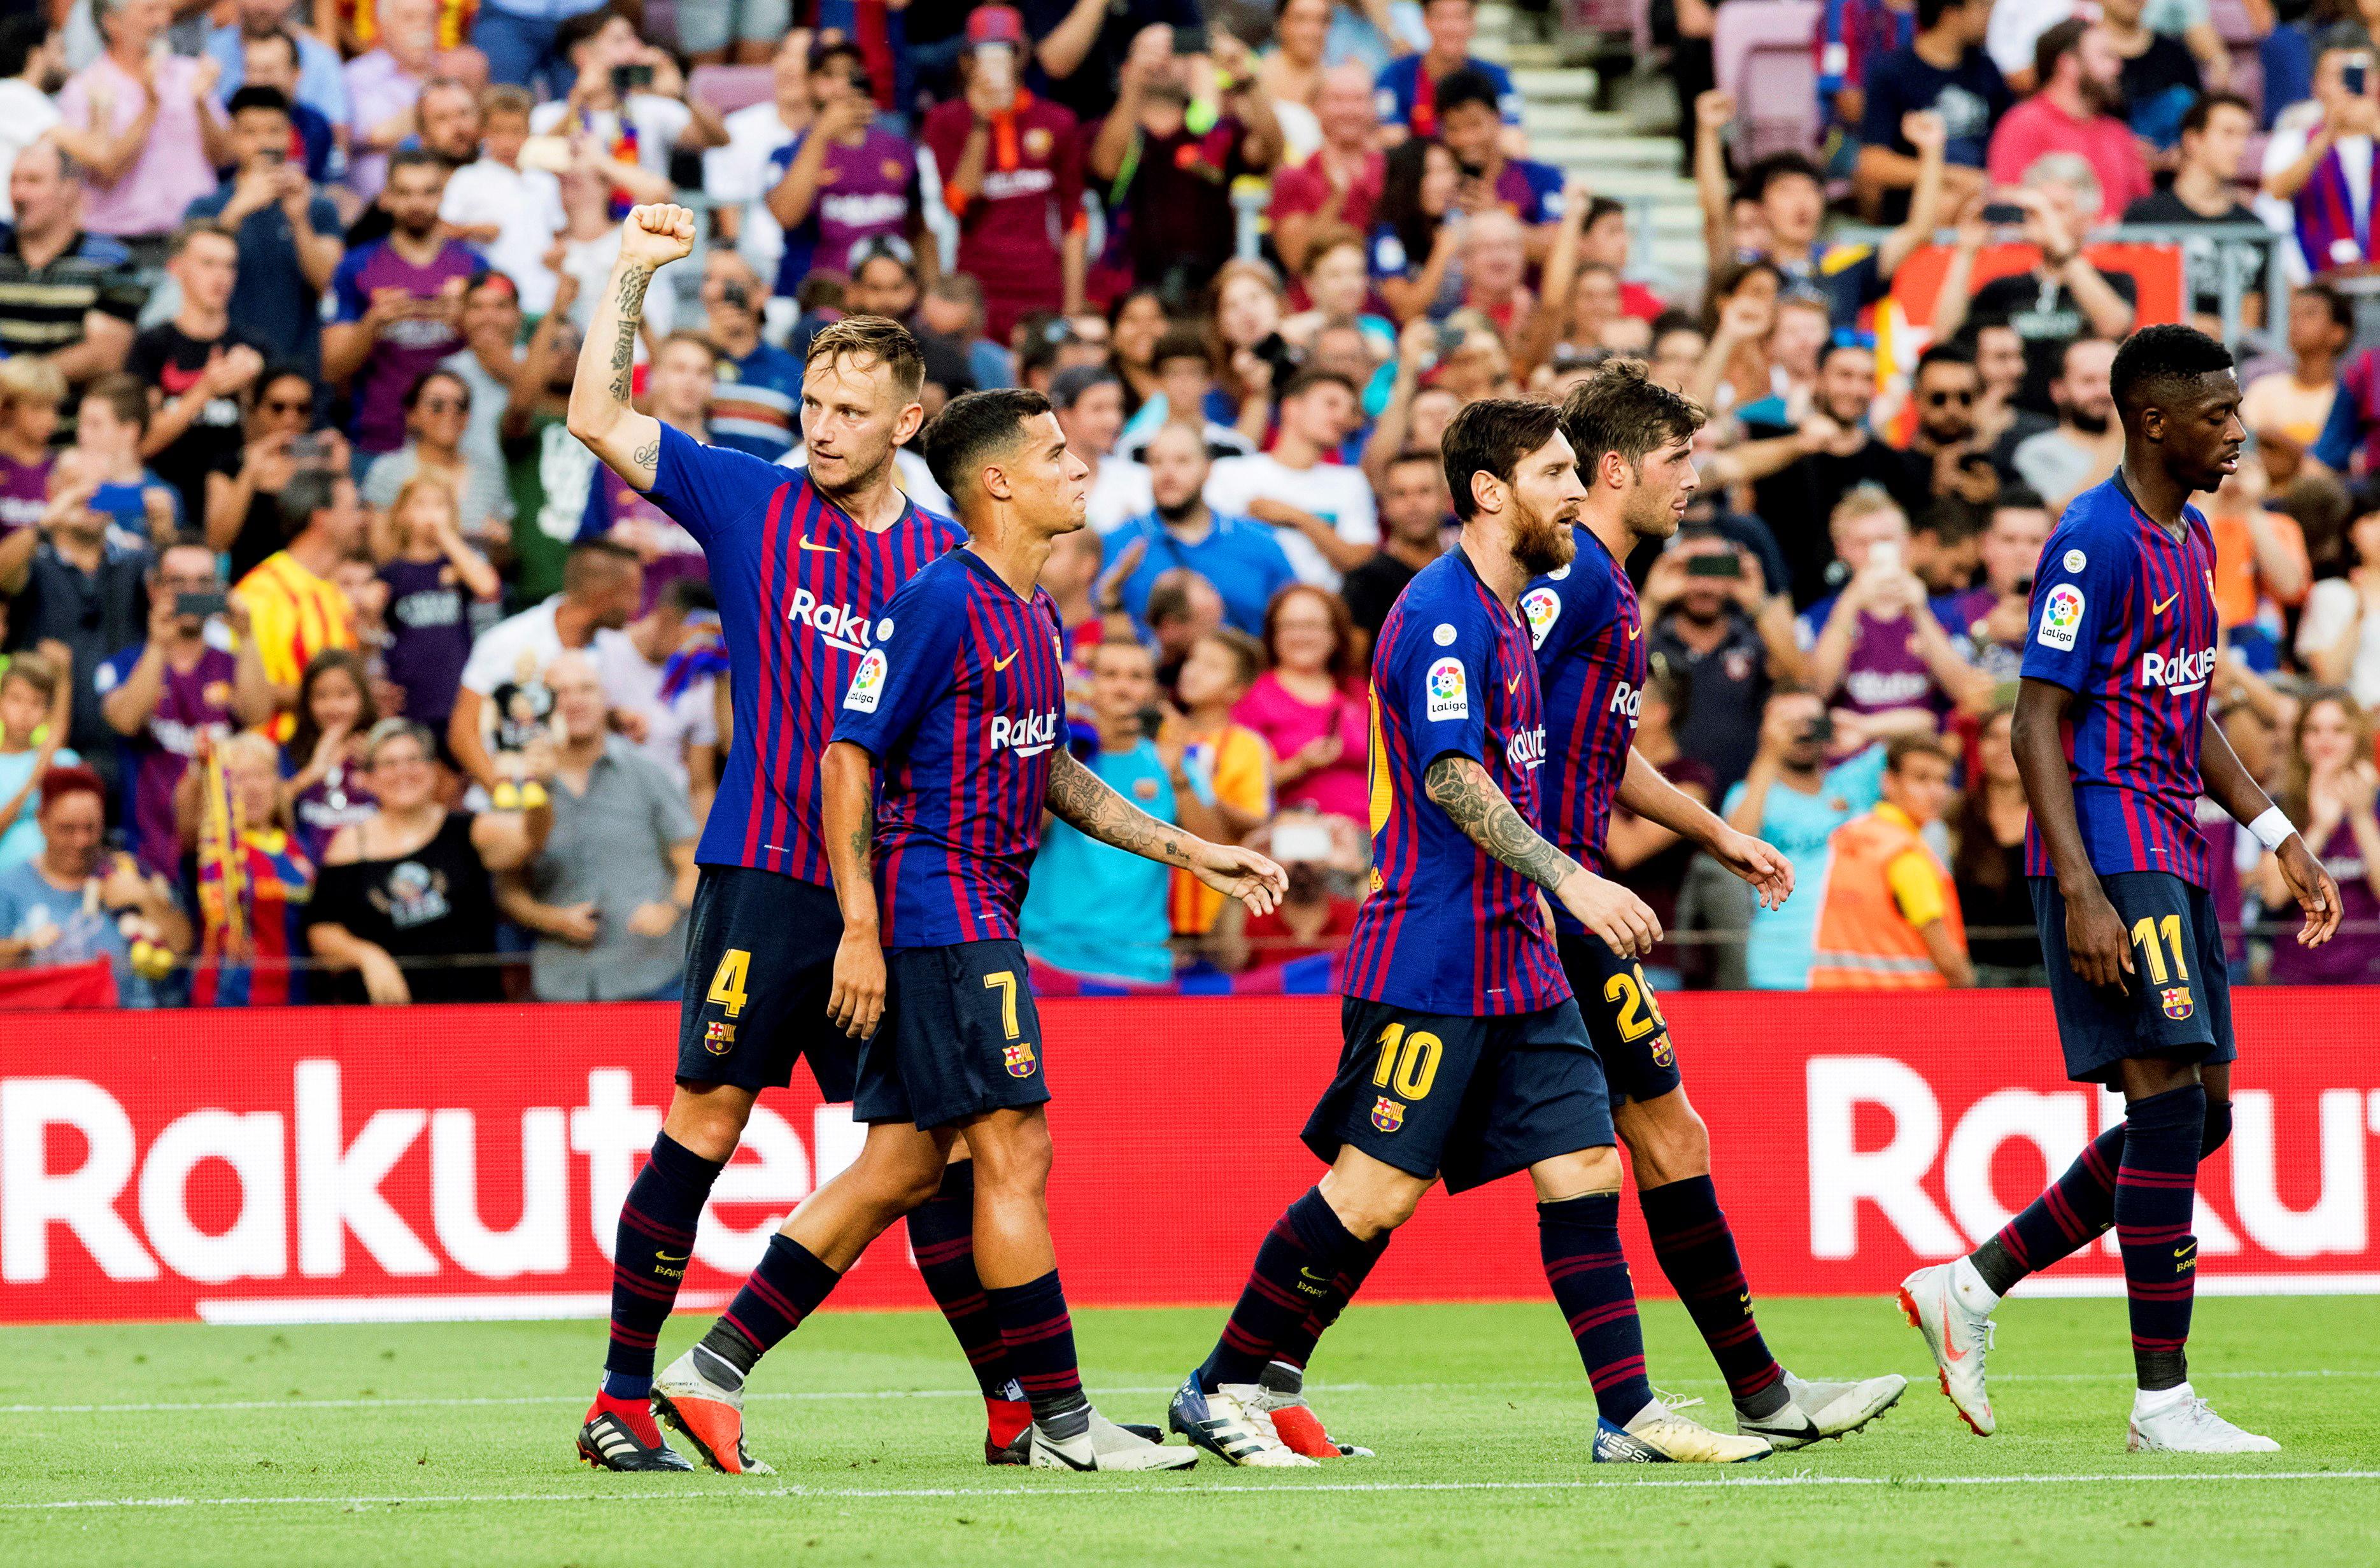 Barcelona i Rakitić sa suprotstavljenim mišljenjima oko nagrade Modriću